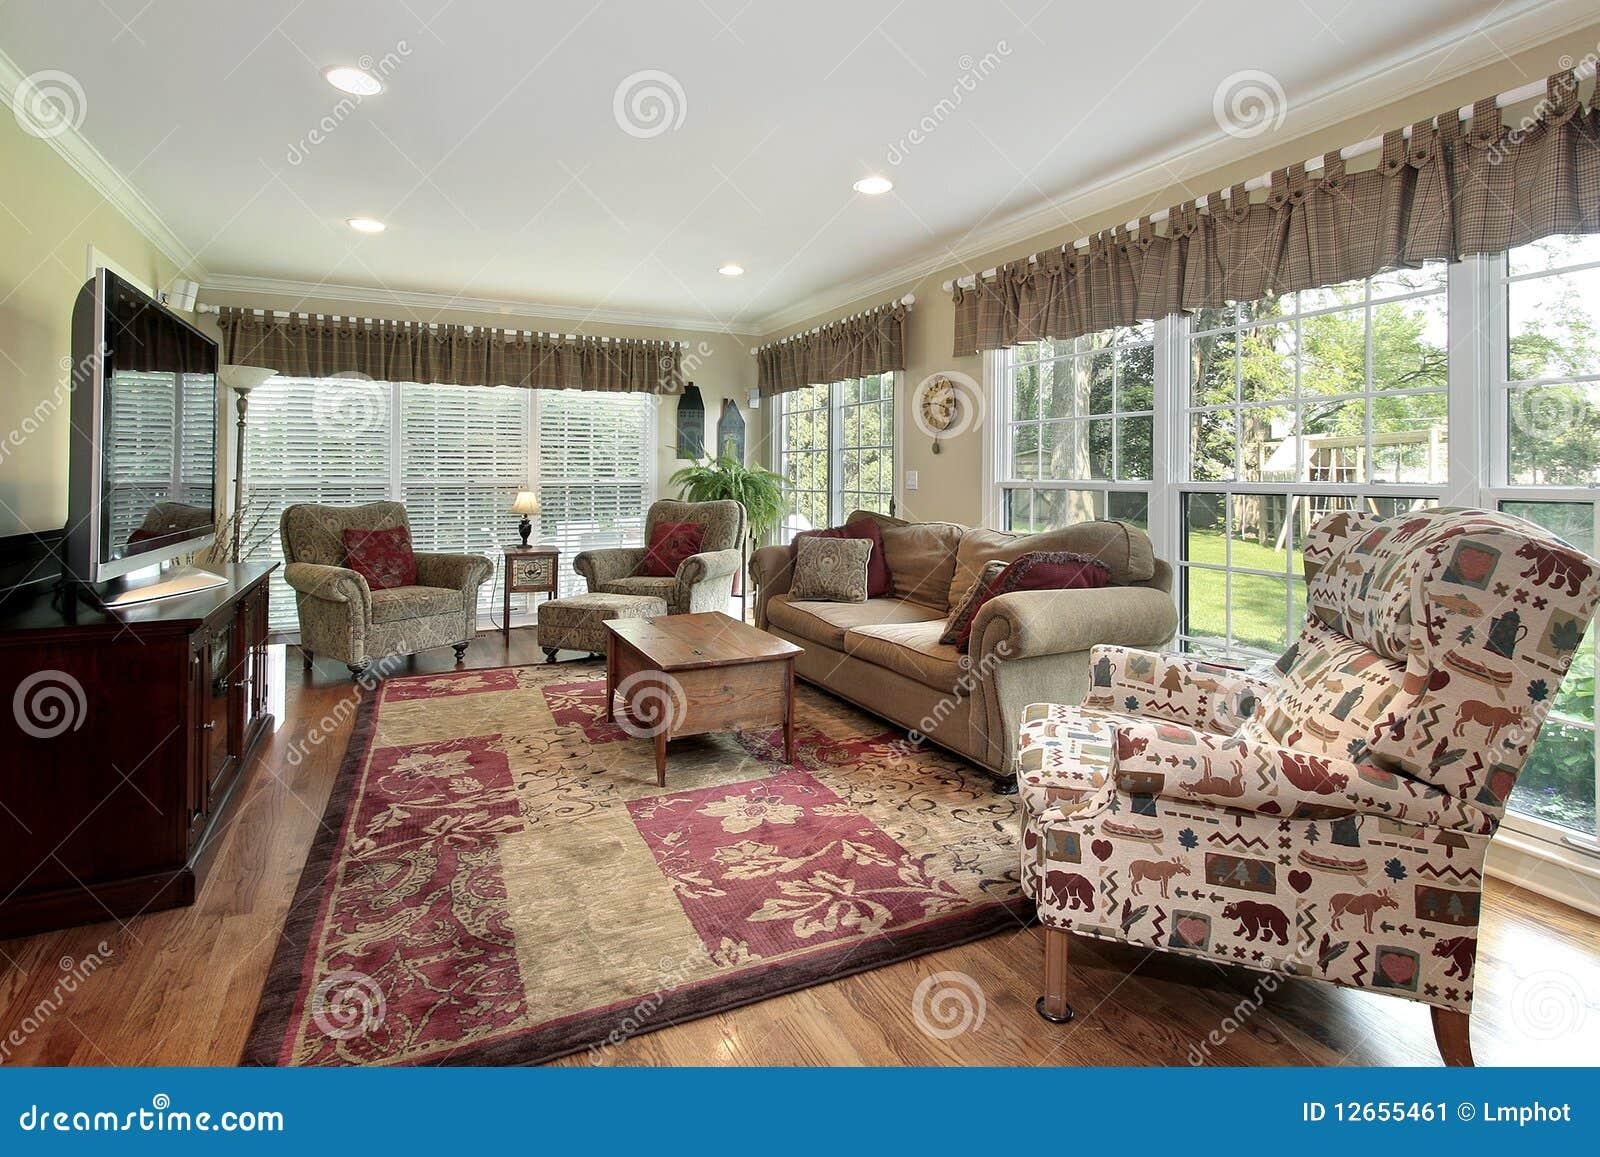 pi ce de sun dans la maison de luxe image stock image du divan r sidence 12655461. Black Bedroom Furniture Sets. Home Design Ideas